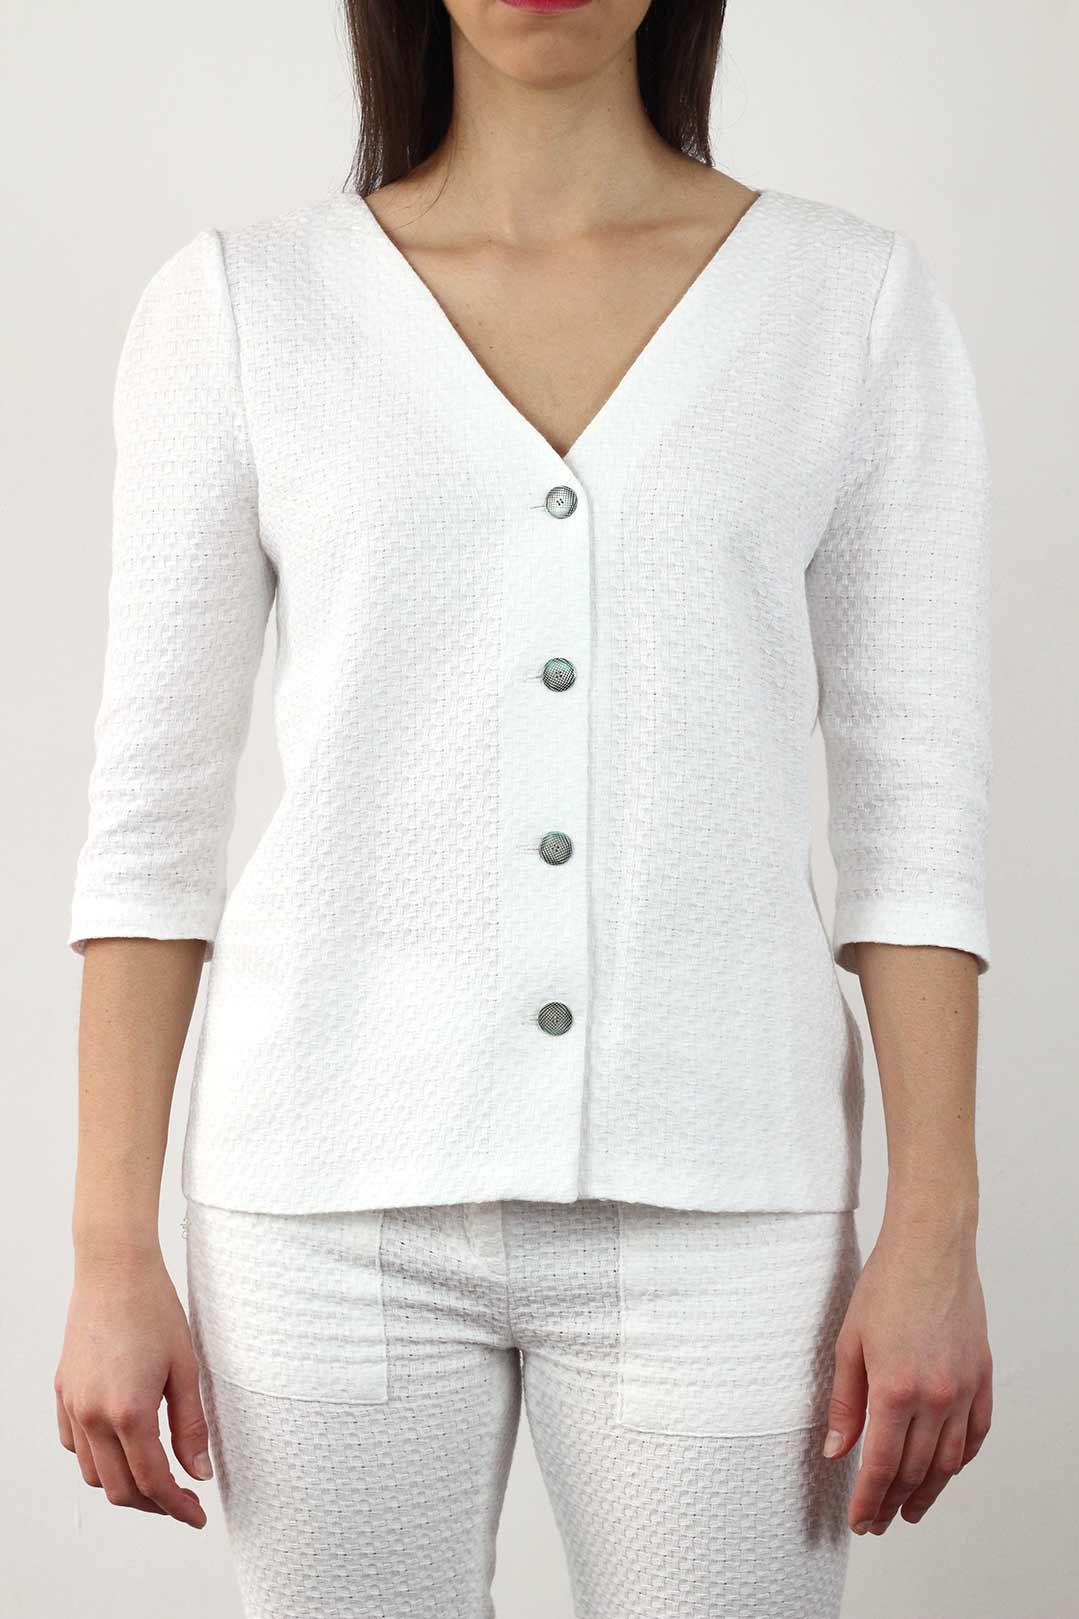 nouvelle arrivee offre spéciale conception de la variété Gilet femme coton 5 ~ Atode - Vetement femme chic, classe et ...